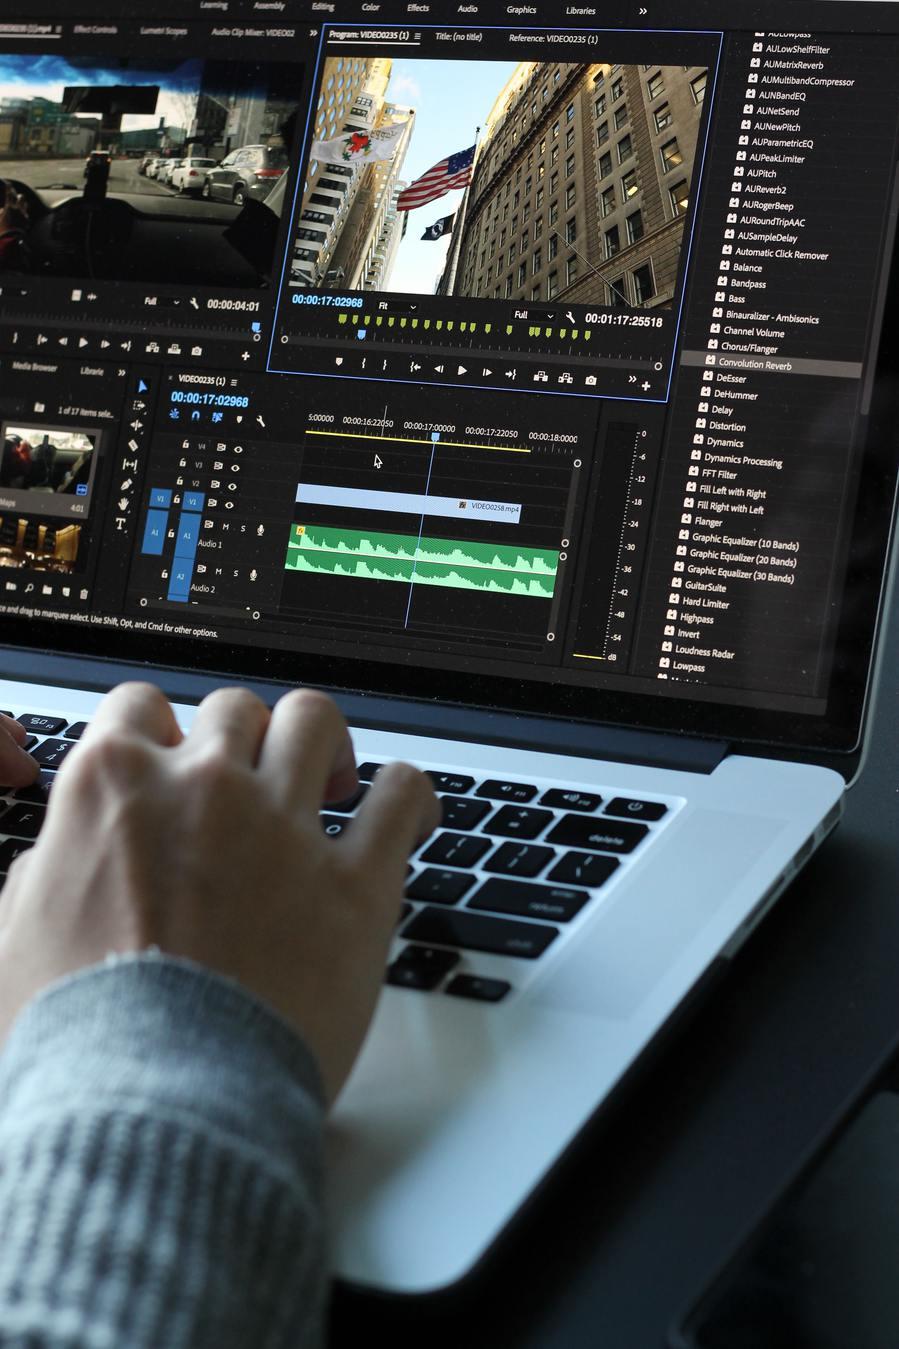 Une personne qui fait le montage d'une vidéo sur un ordinateur